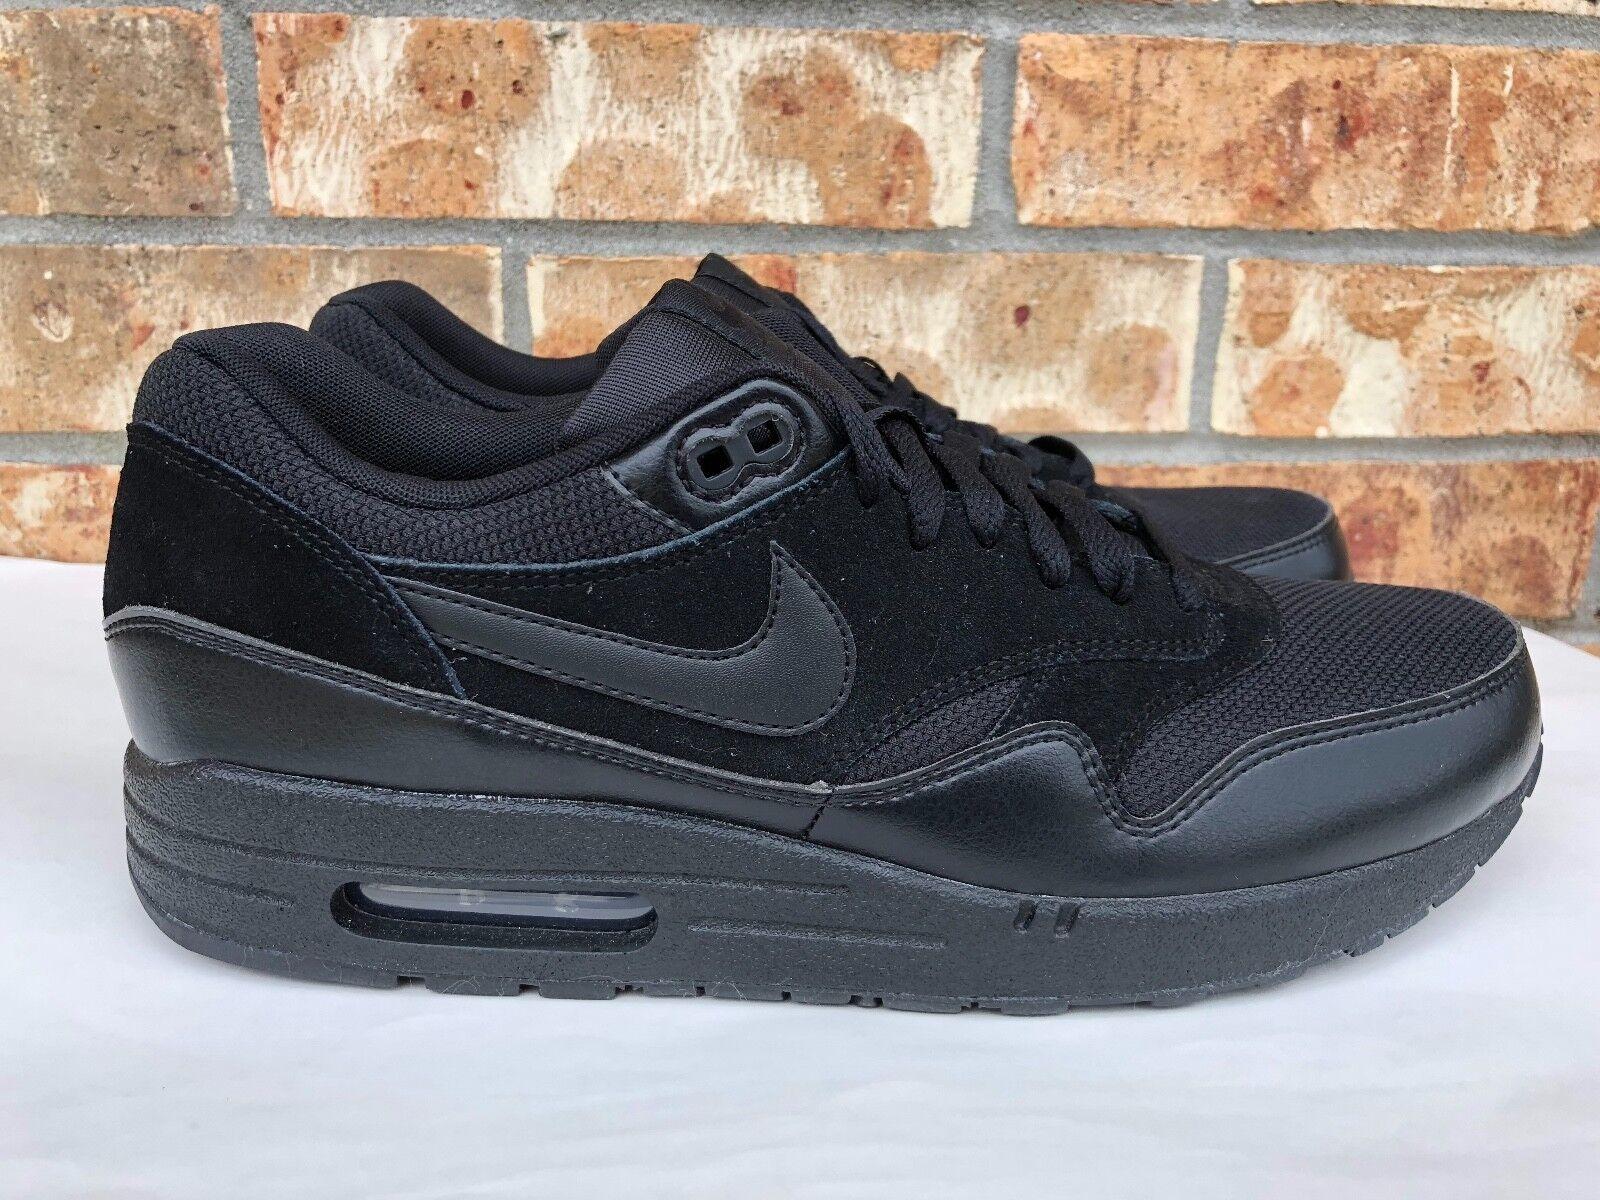 new styles 7491c fce2e ... closeout mens nike air chaussures max 1 essential running chaussures air  triple noir 9ce693 455db 8e1d2